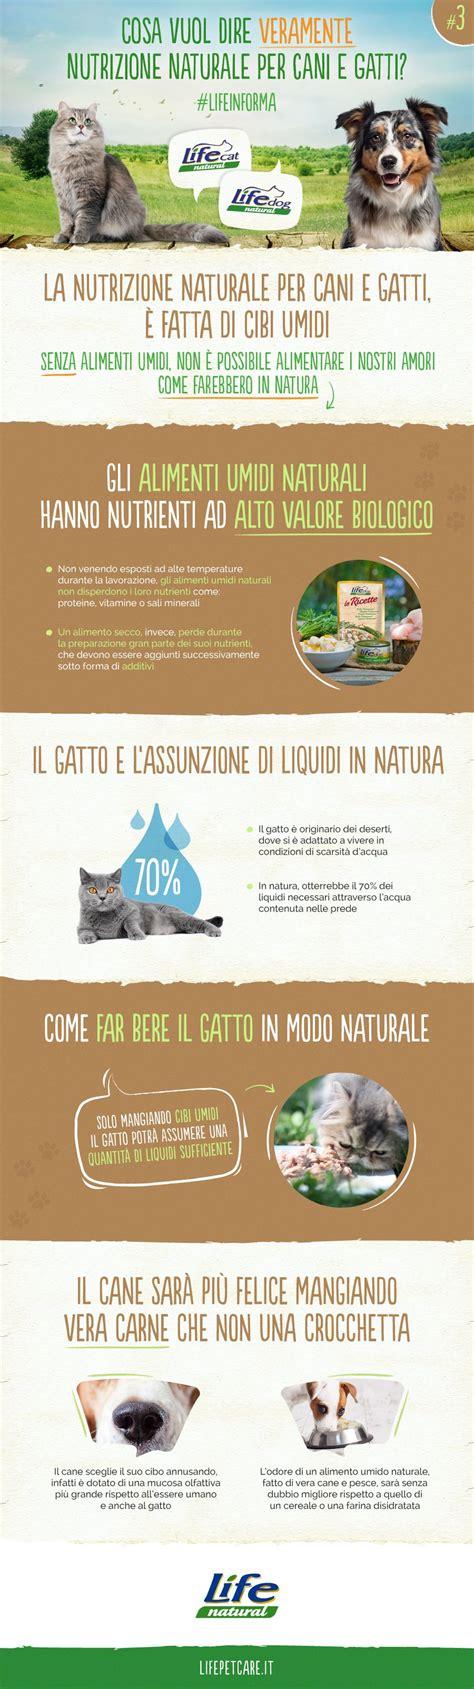 alimenti naturali per cani 3 la nutrizione naturale per cani e gatti 200 fatta di